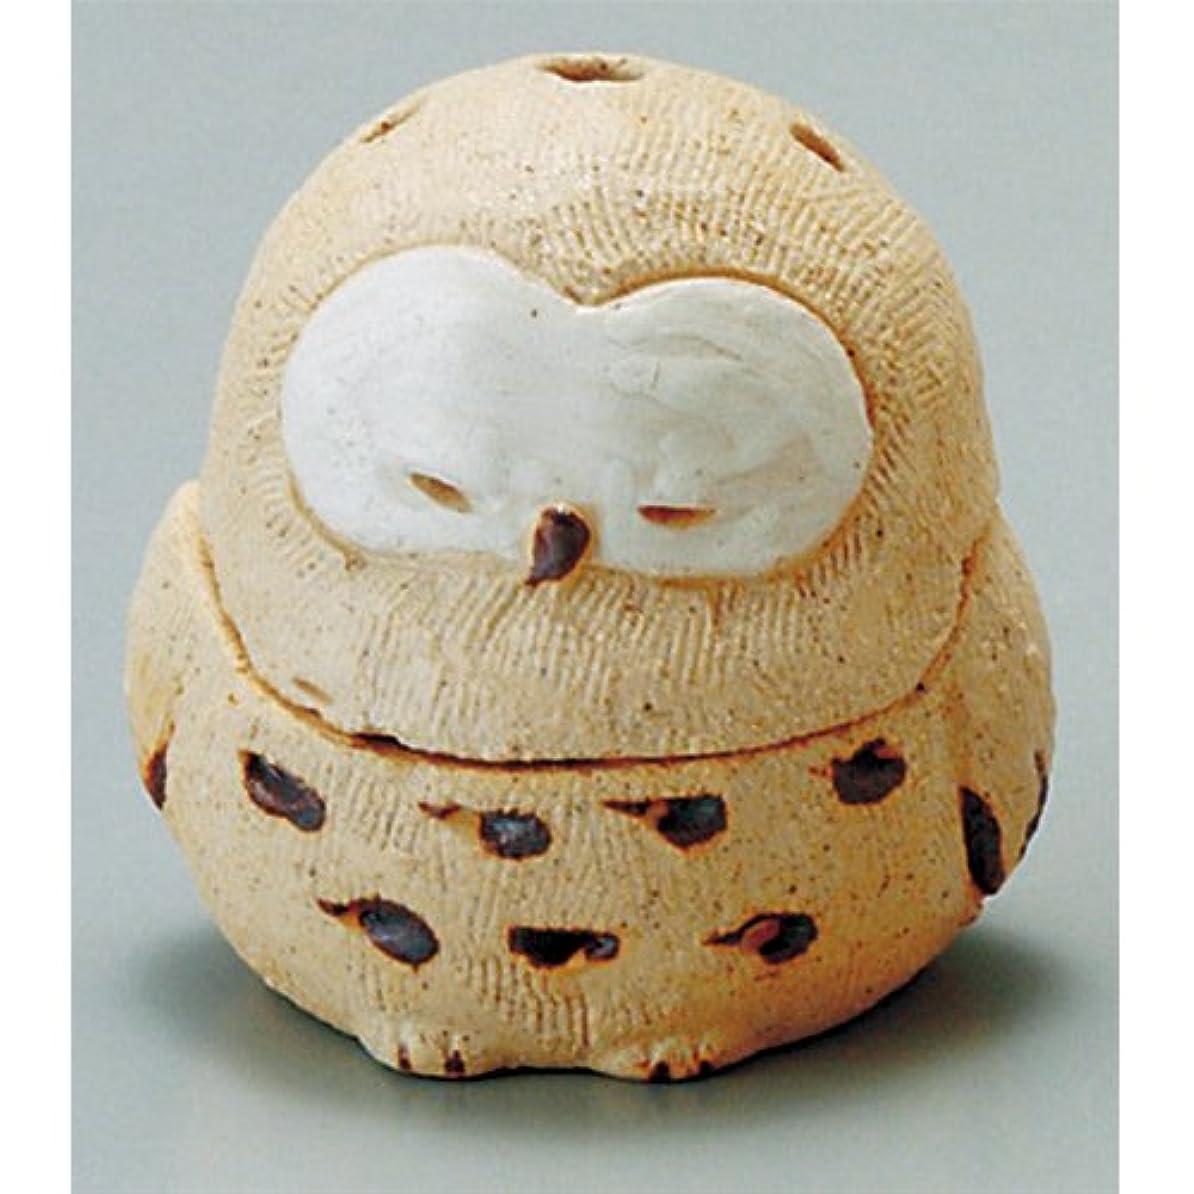 猟犬塩辛い微生物香炉 蔵ふくろう 香炉(大) [H10.5cm] HANDMADE プレゼント ギフト 和食器 かわいい インテリア